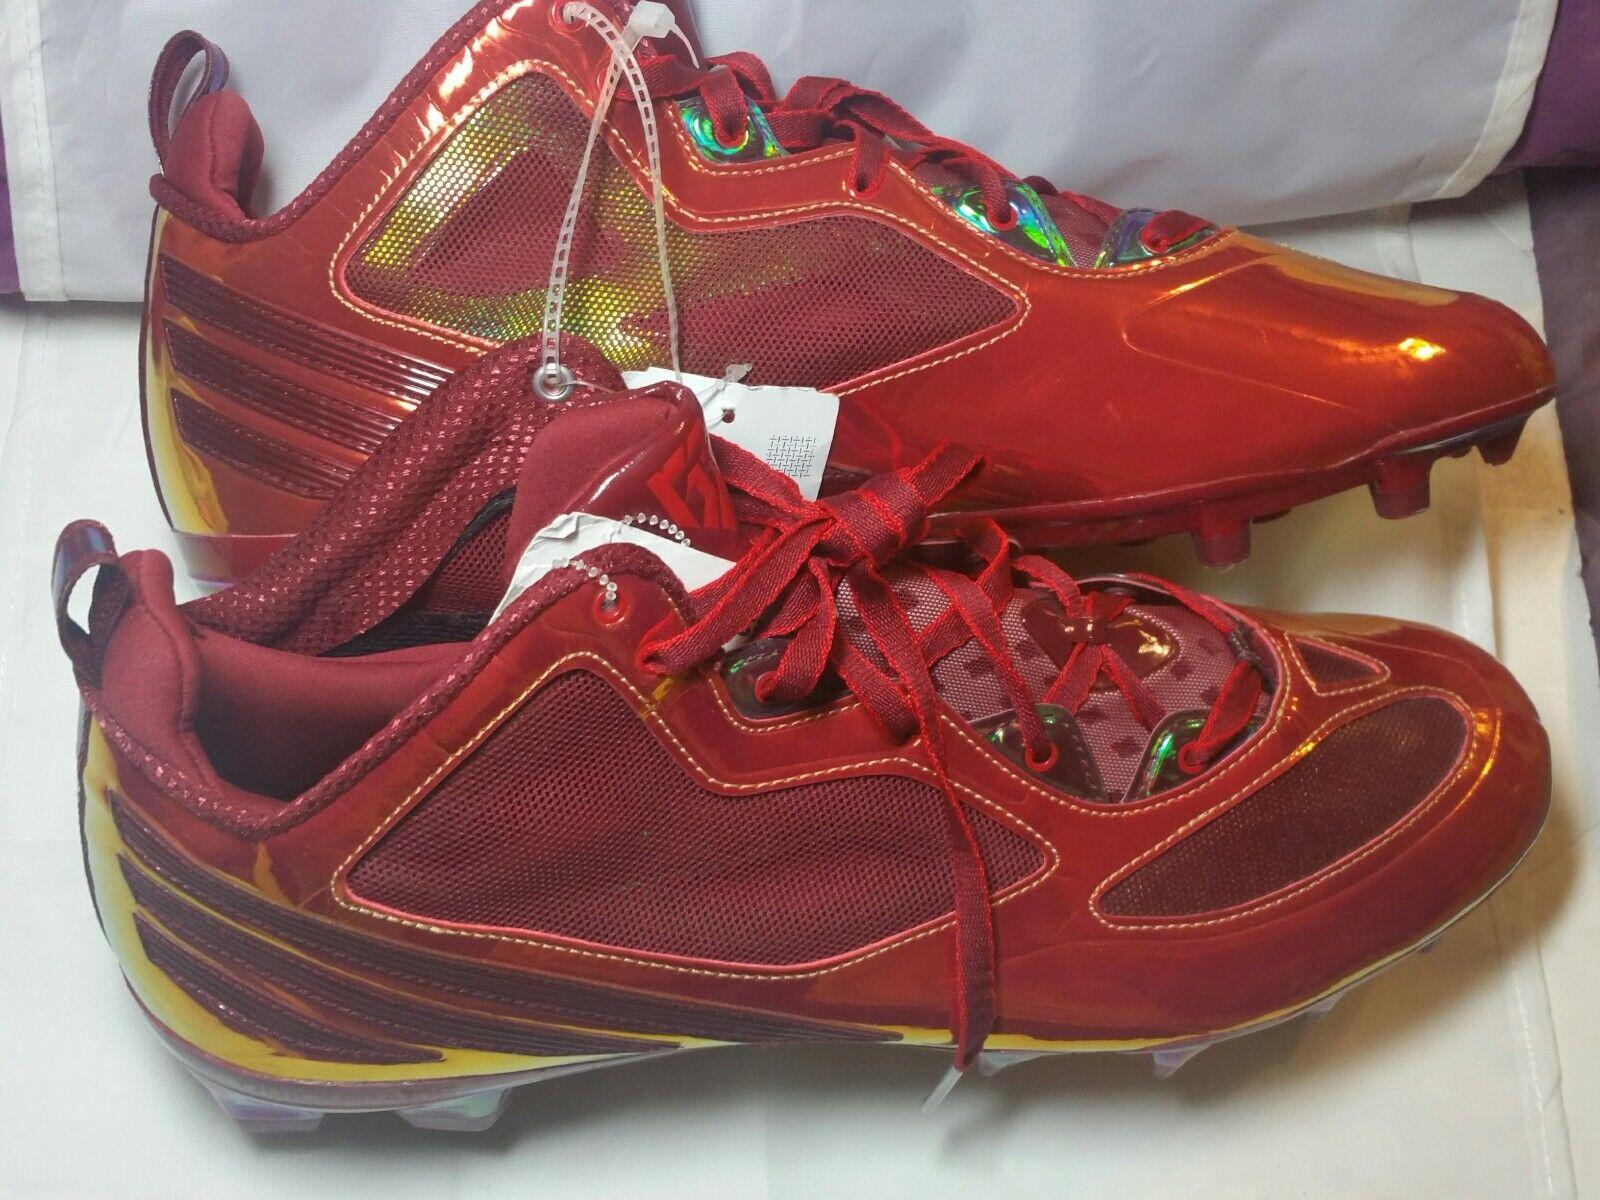 Ανδρικά ΞœΞΞ³Ξ΅ΞΈΞΏΟ' 15 Adidas RGlll Μίνι ποδοσφαίρου Cleats Cardinal Κόκκινο C76498 ΛιανικΞ� $ 150